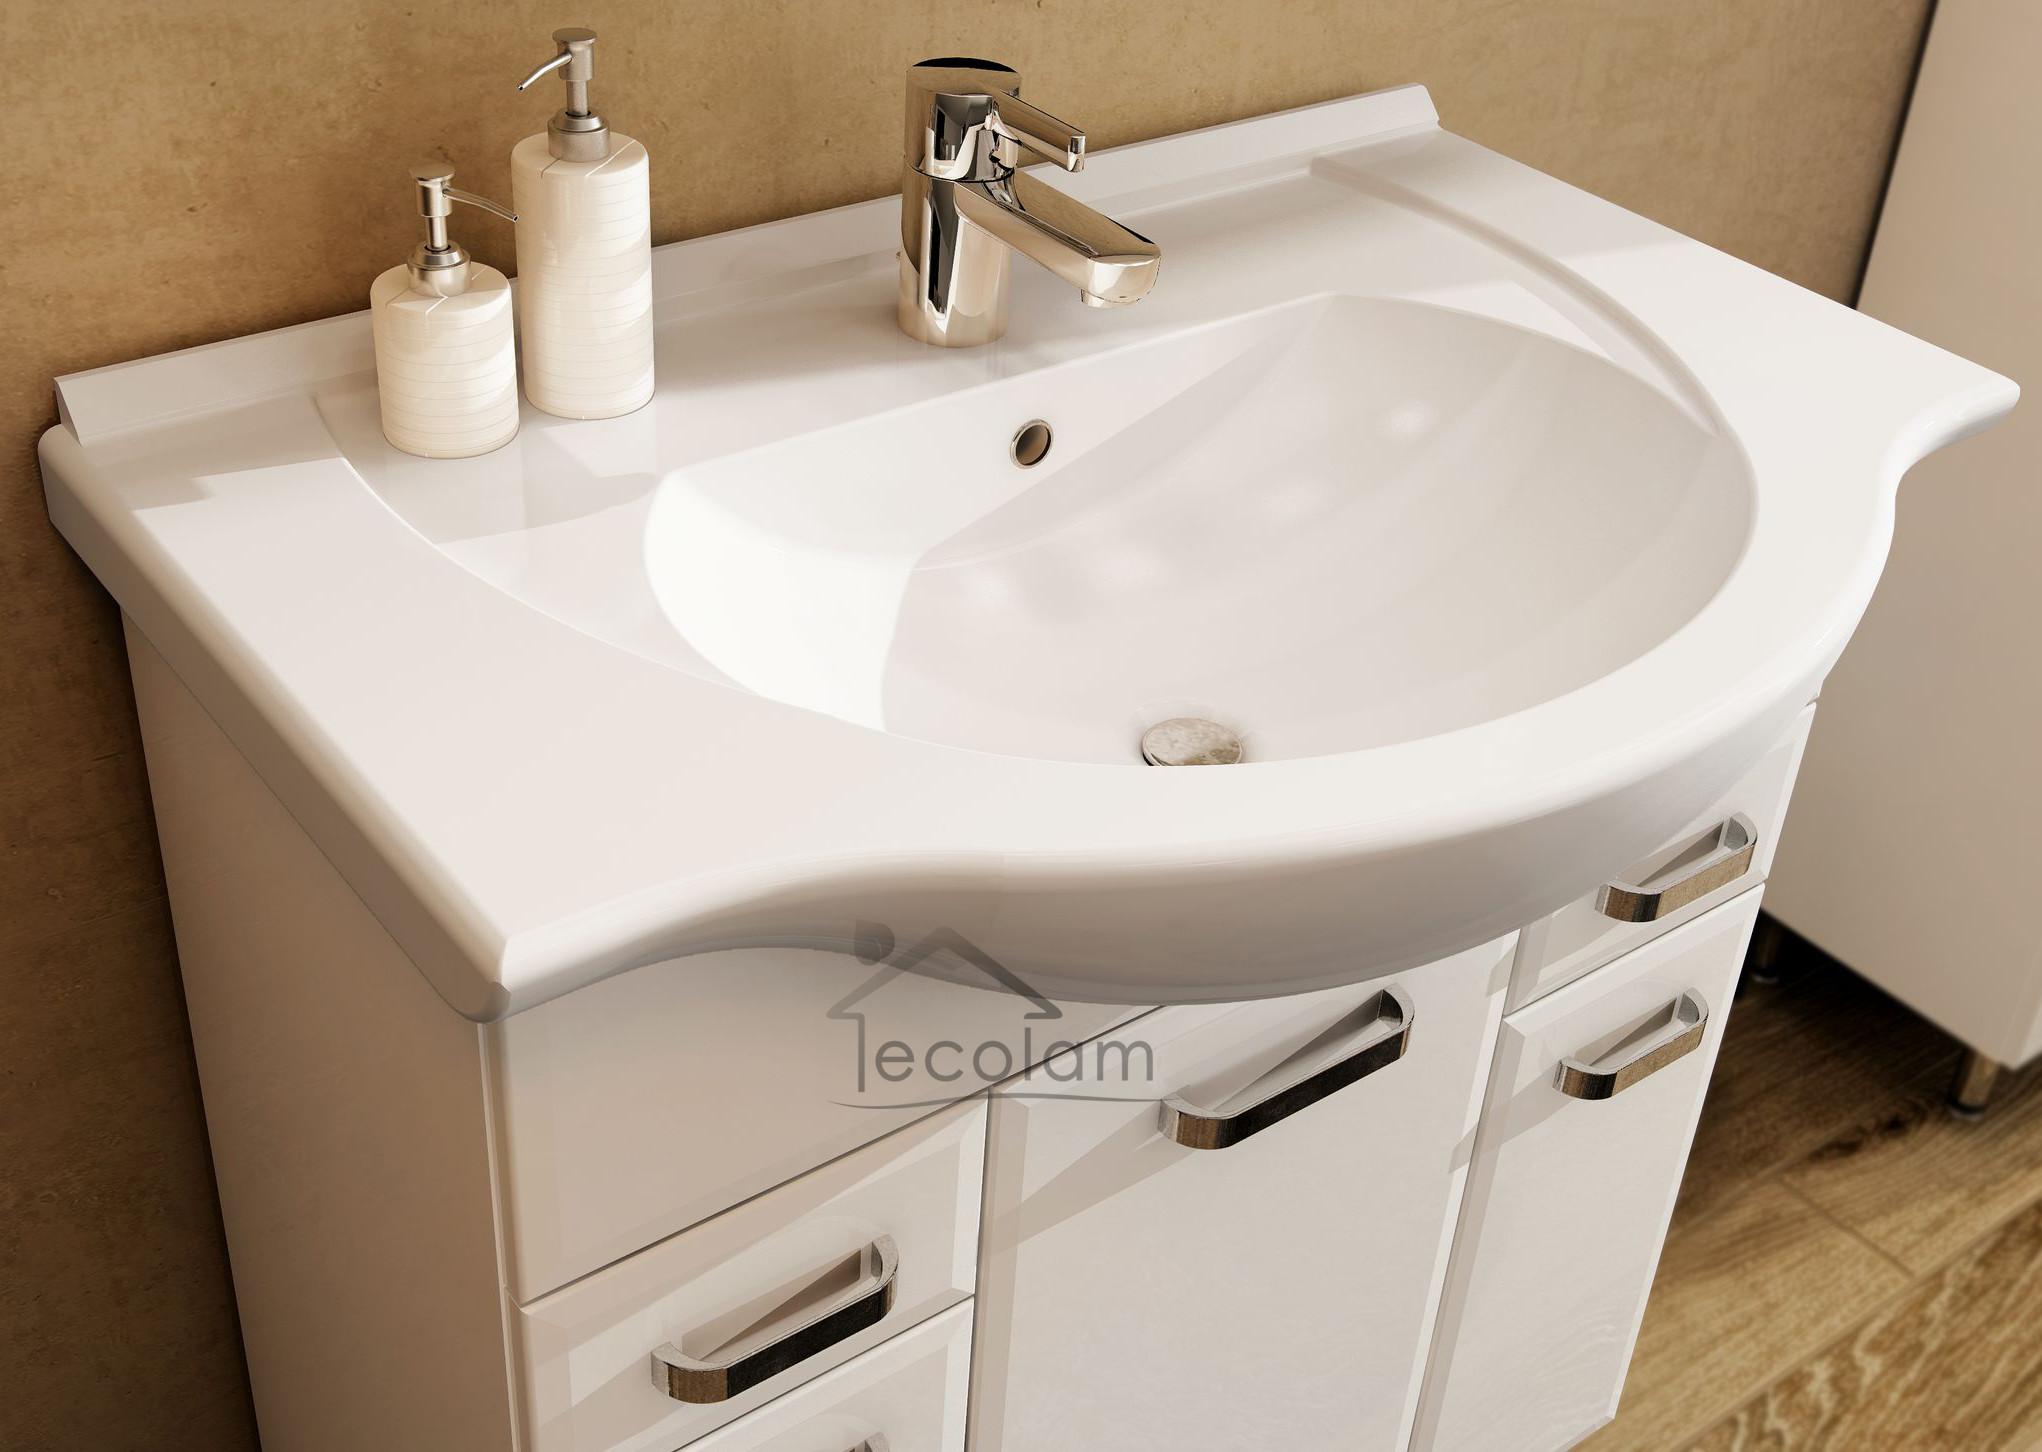 badm bel waschbecken 85 cm waschtisch waschbeckenunterschrank schublade wei ae ebay. Black Bedroom Furniture Sets. Home Design Ideas